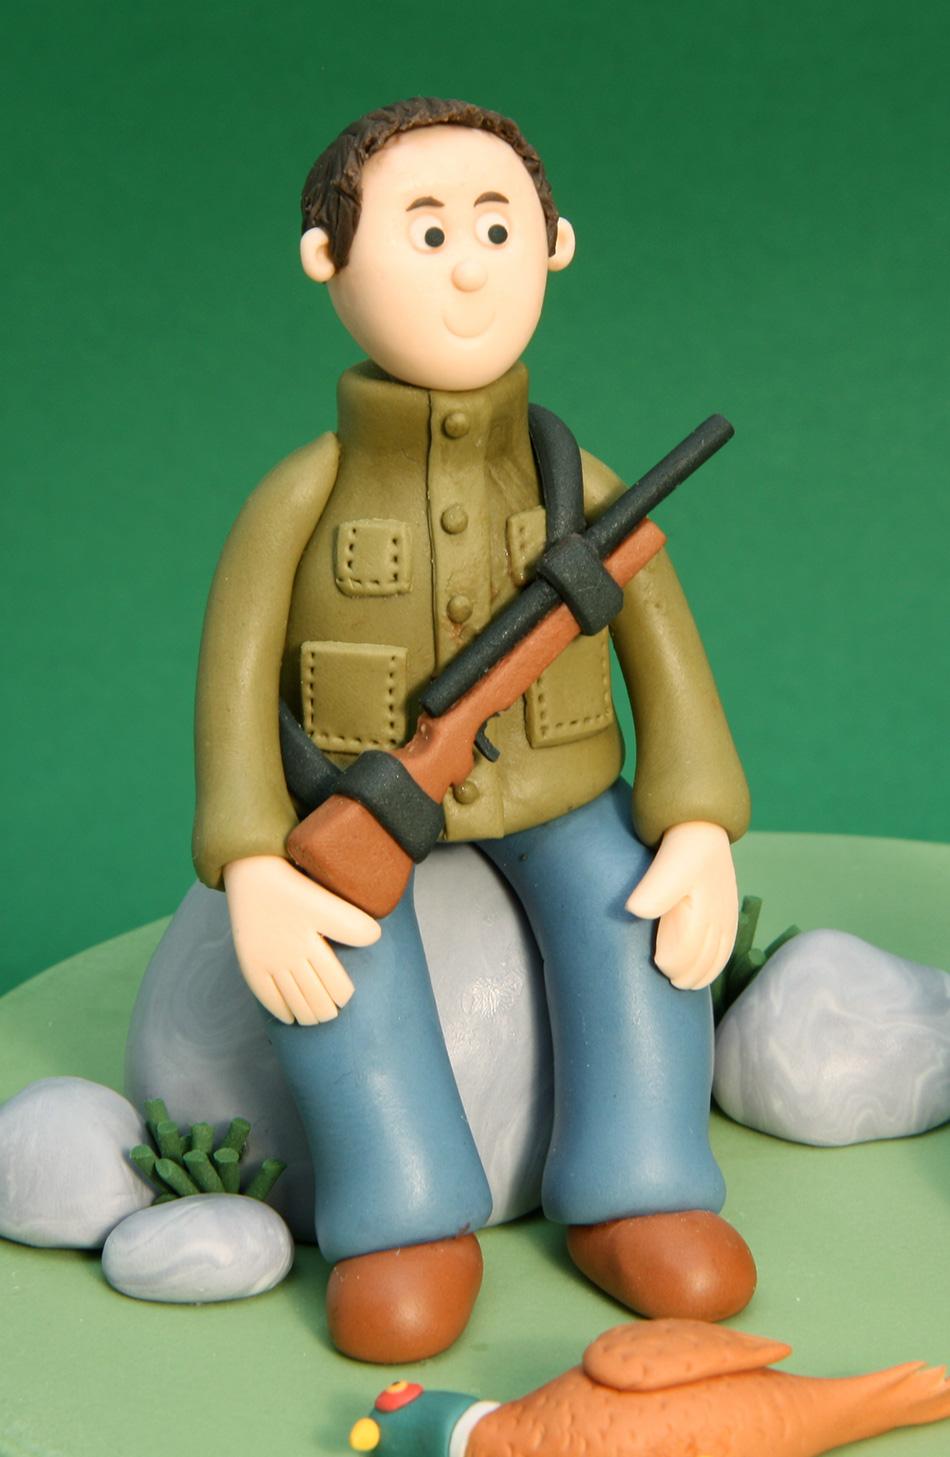 Hunting Themed Birthday Cake 7 Inch Round Chocolate Sponge